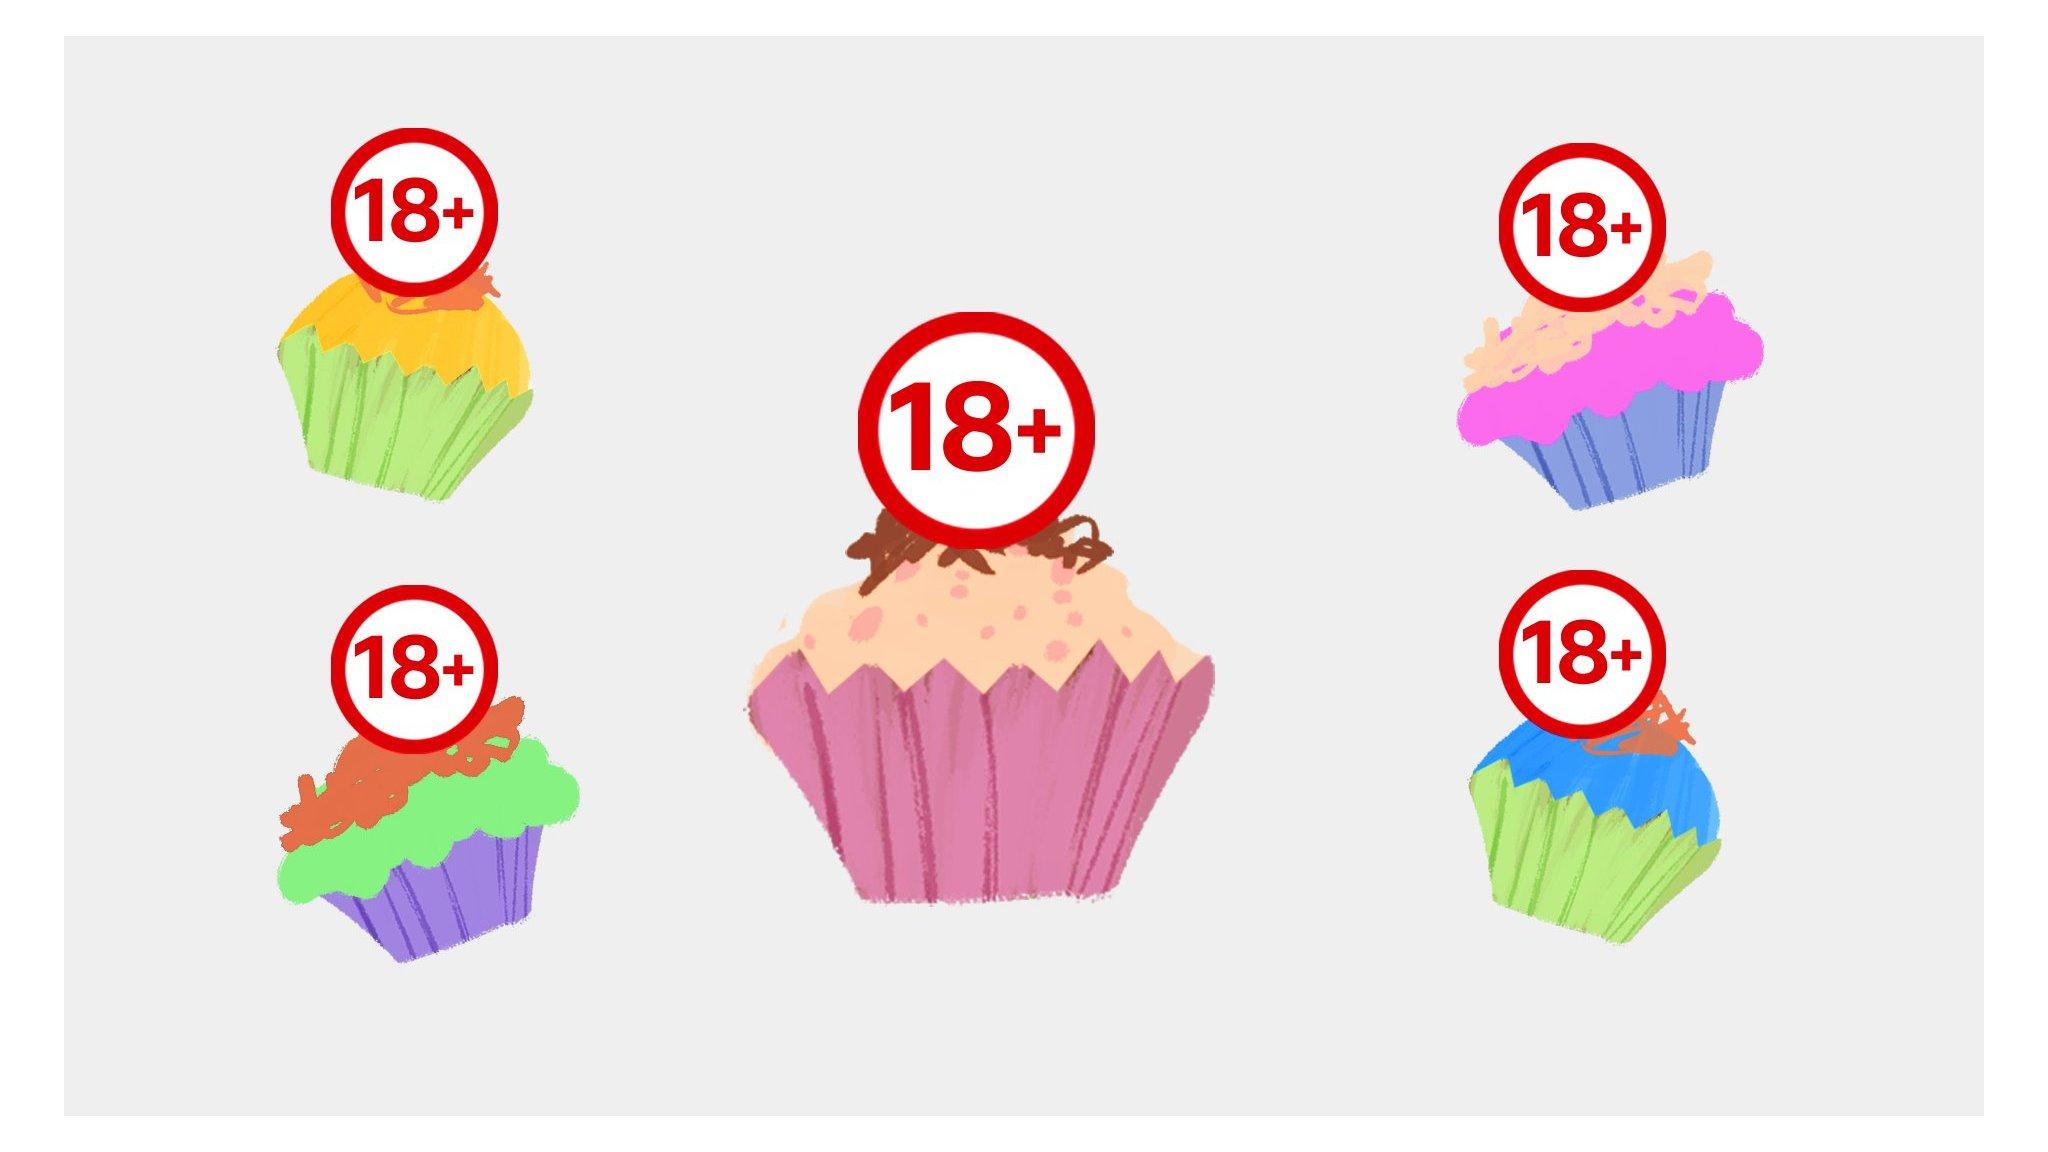 """أفرجت السلطات المصرية عن الخبازة المتهمة بصنع حلويات بأشكال """"ذات إيحاءات جنسية"""" لحفل عيد ميلاد بالقاهرة"""